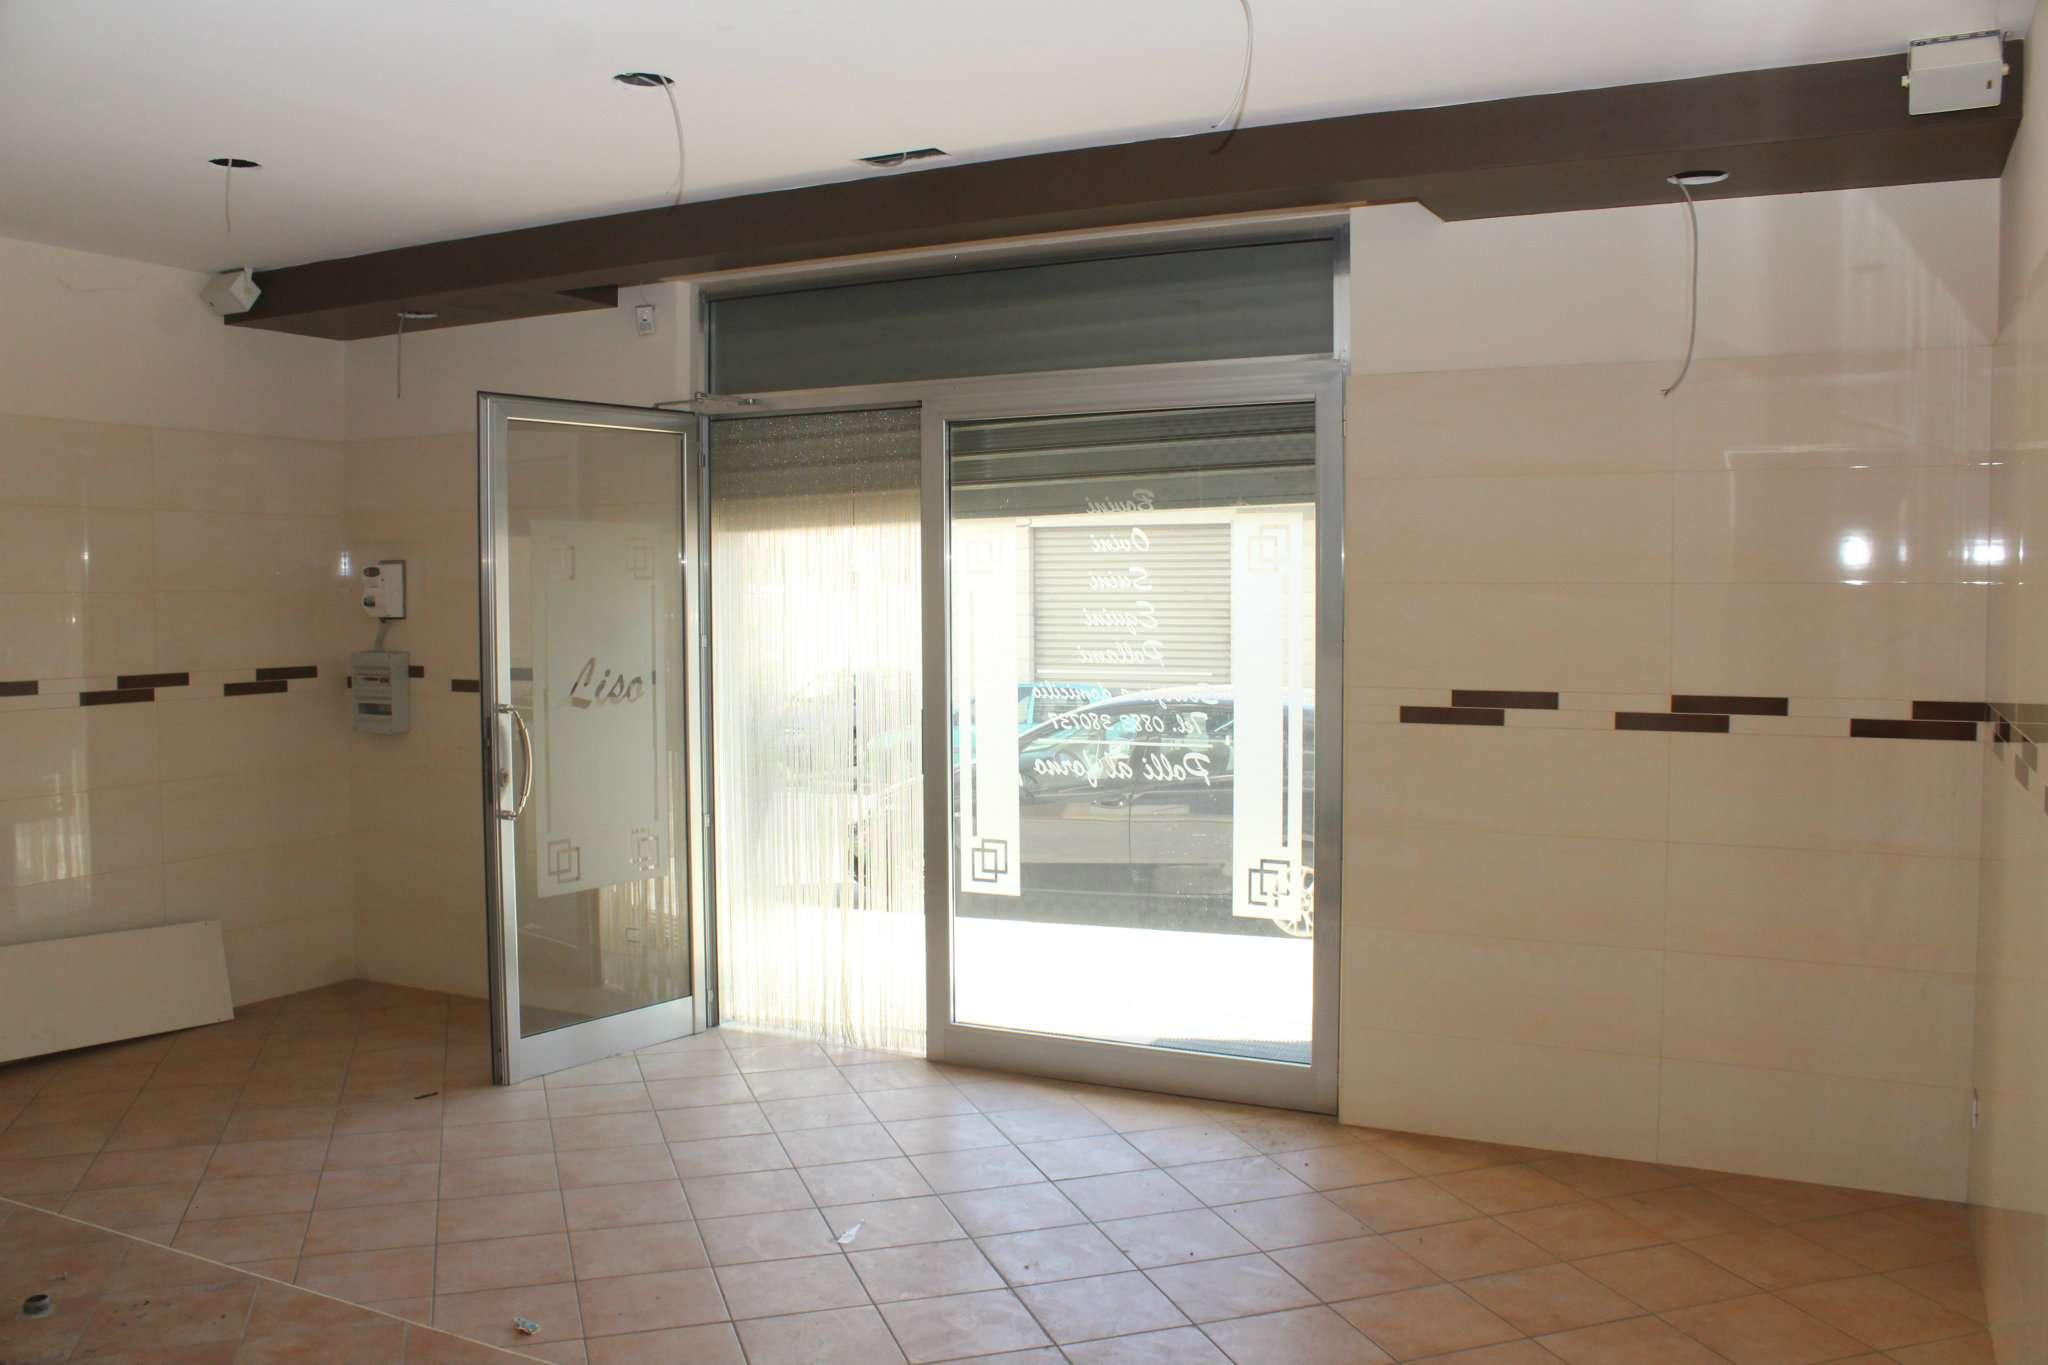 Negozio / Locale in vendita a Andria, 1 locali, prezzo € 450 | PortaleAgenzieImmobiliari.it